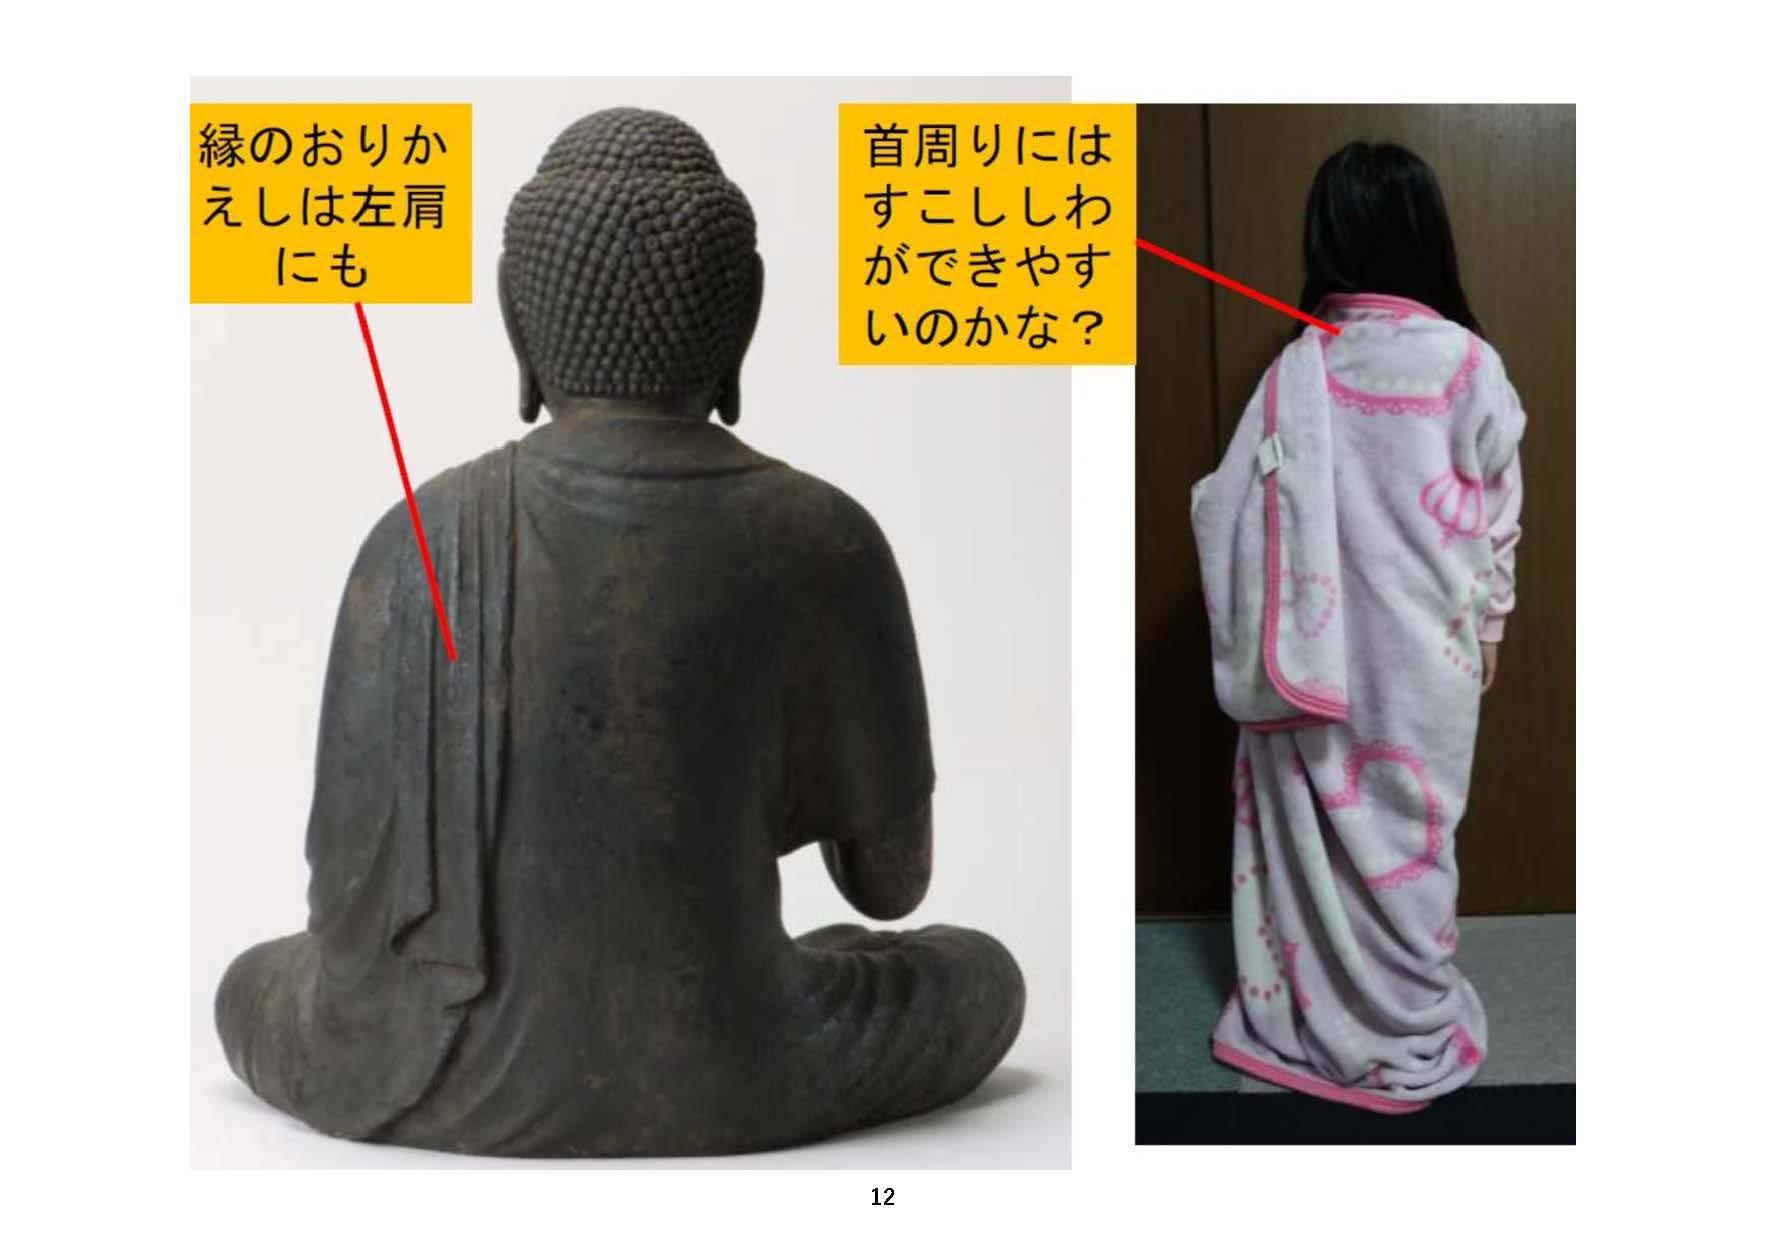 これまでの手順通りに大きめの布をまとった様子と、阿弥陀如来坐像の衣との比較・その2